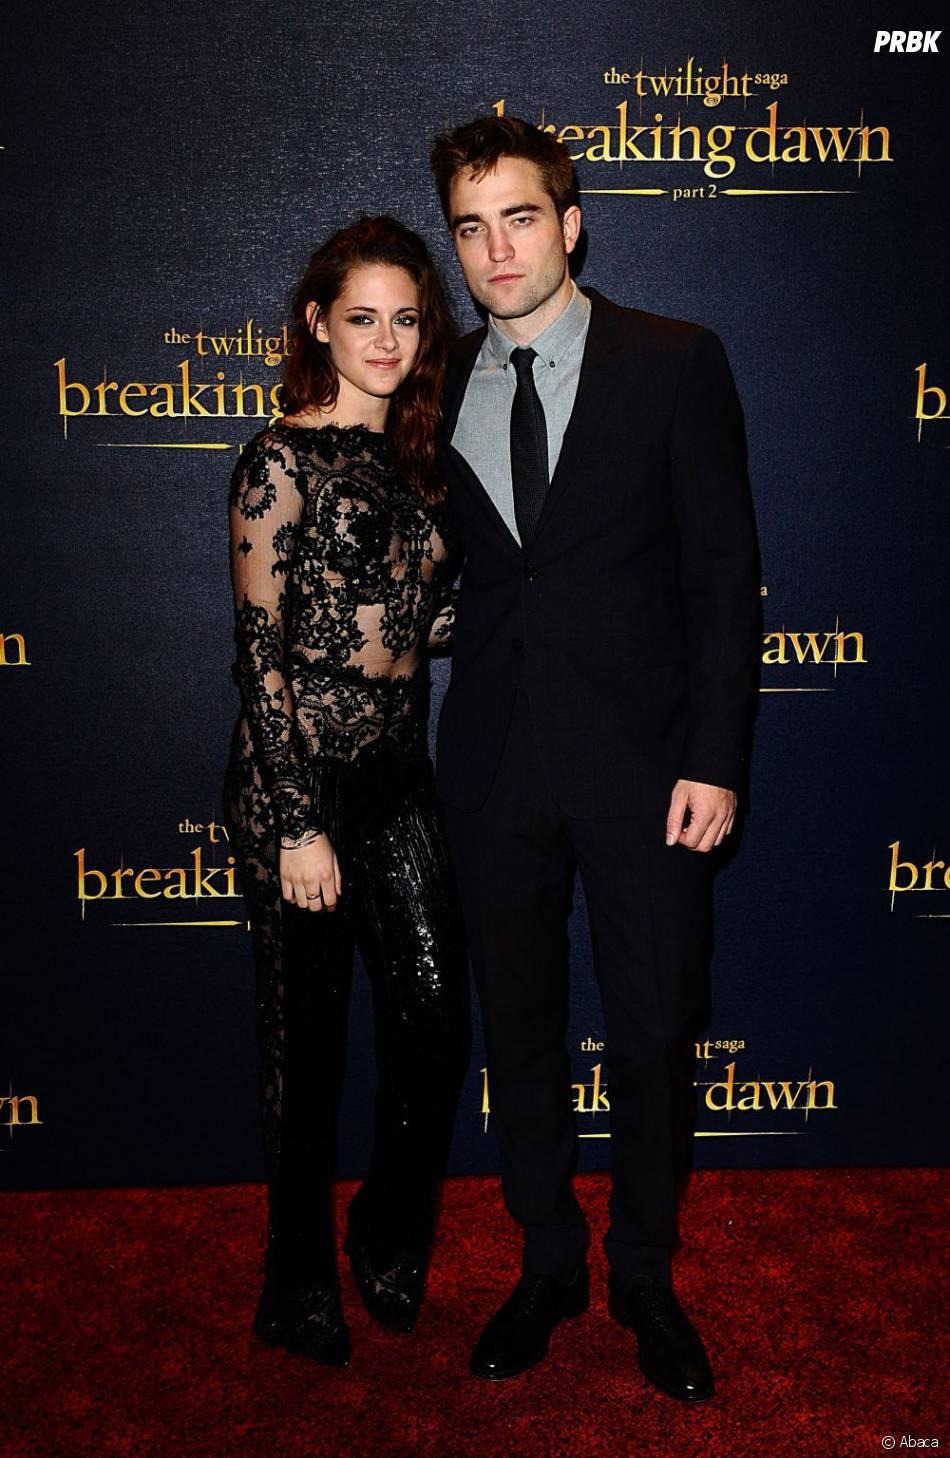 C'est vraiment fini entre Kristen Stewart et Robert Pattinson